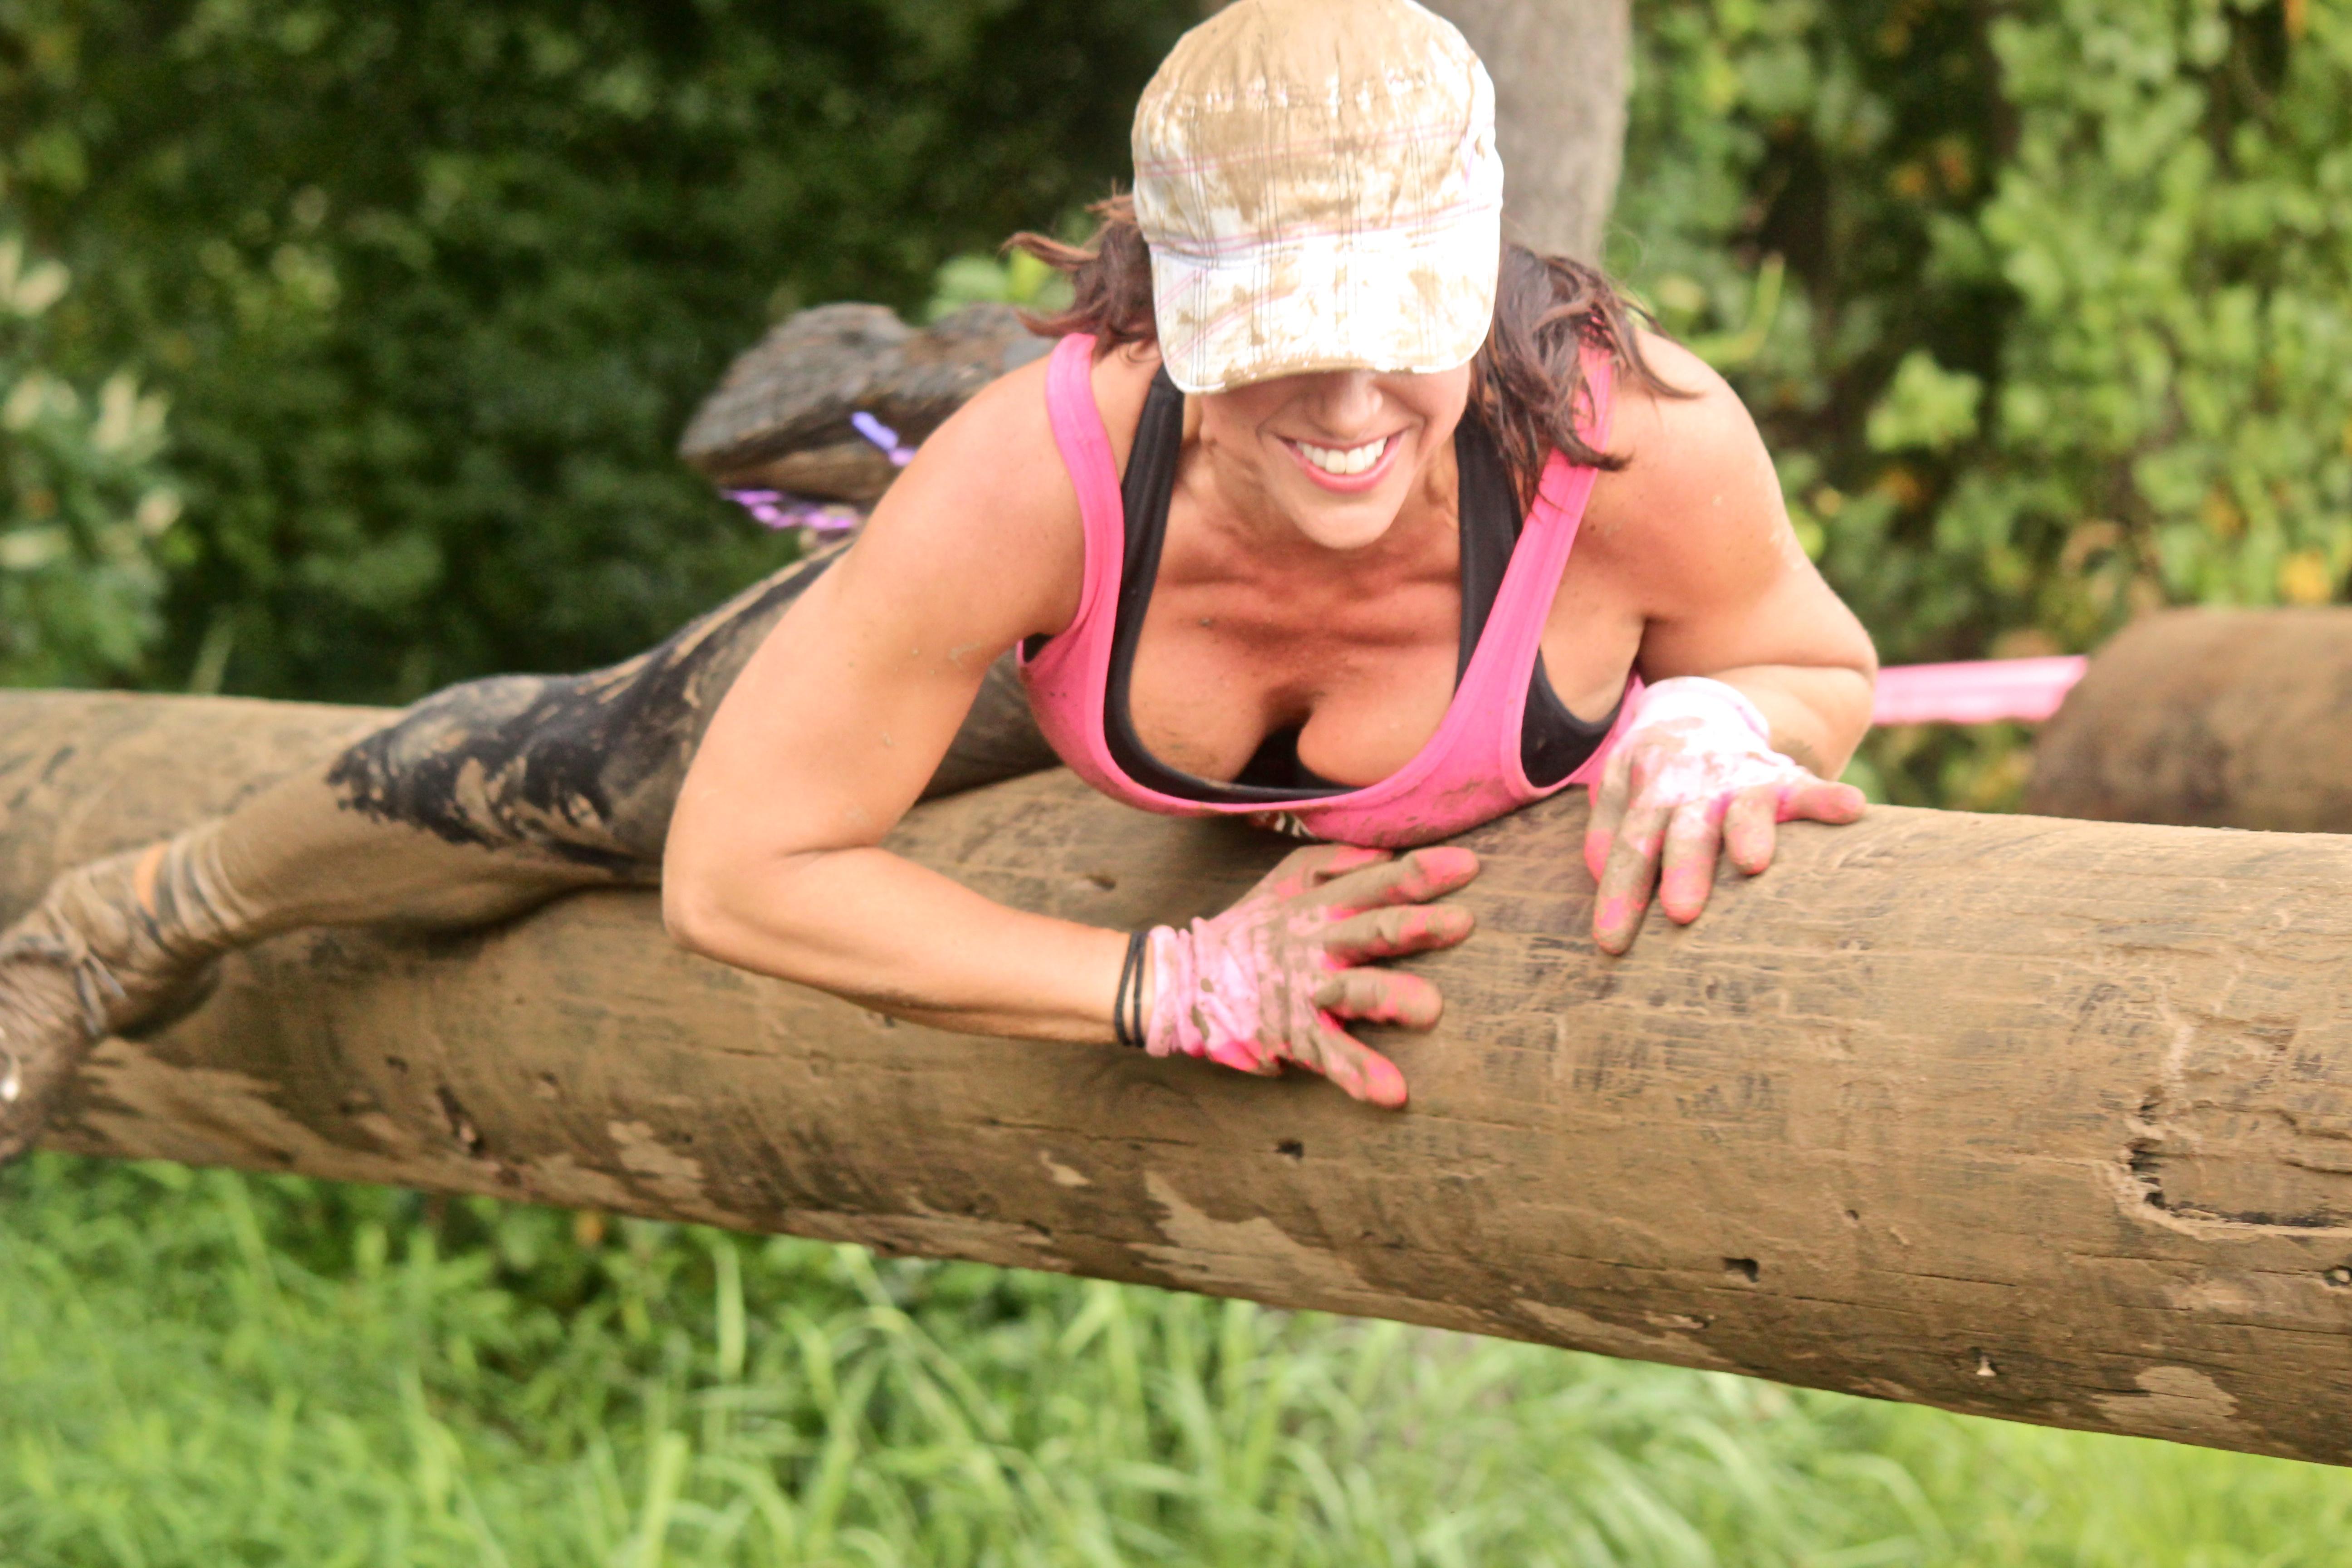 Chicas trepando árboles - 5184x3456